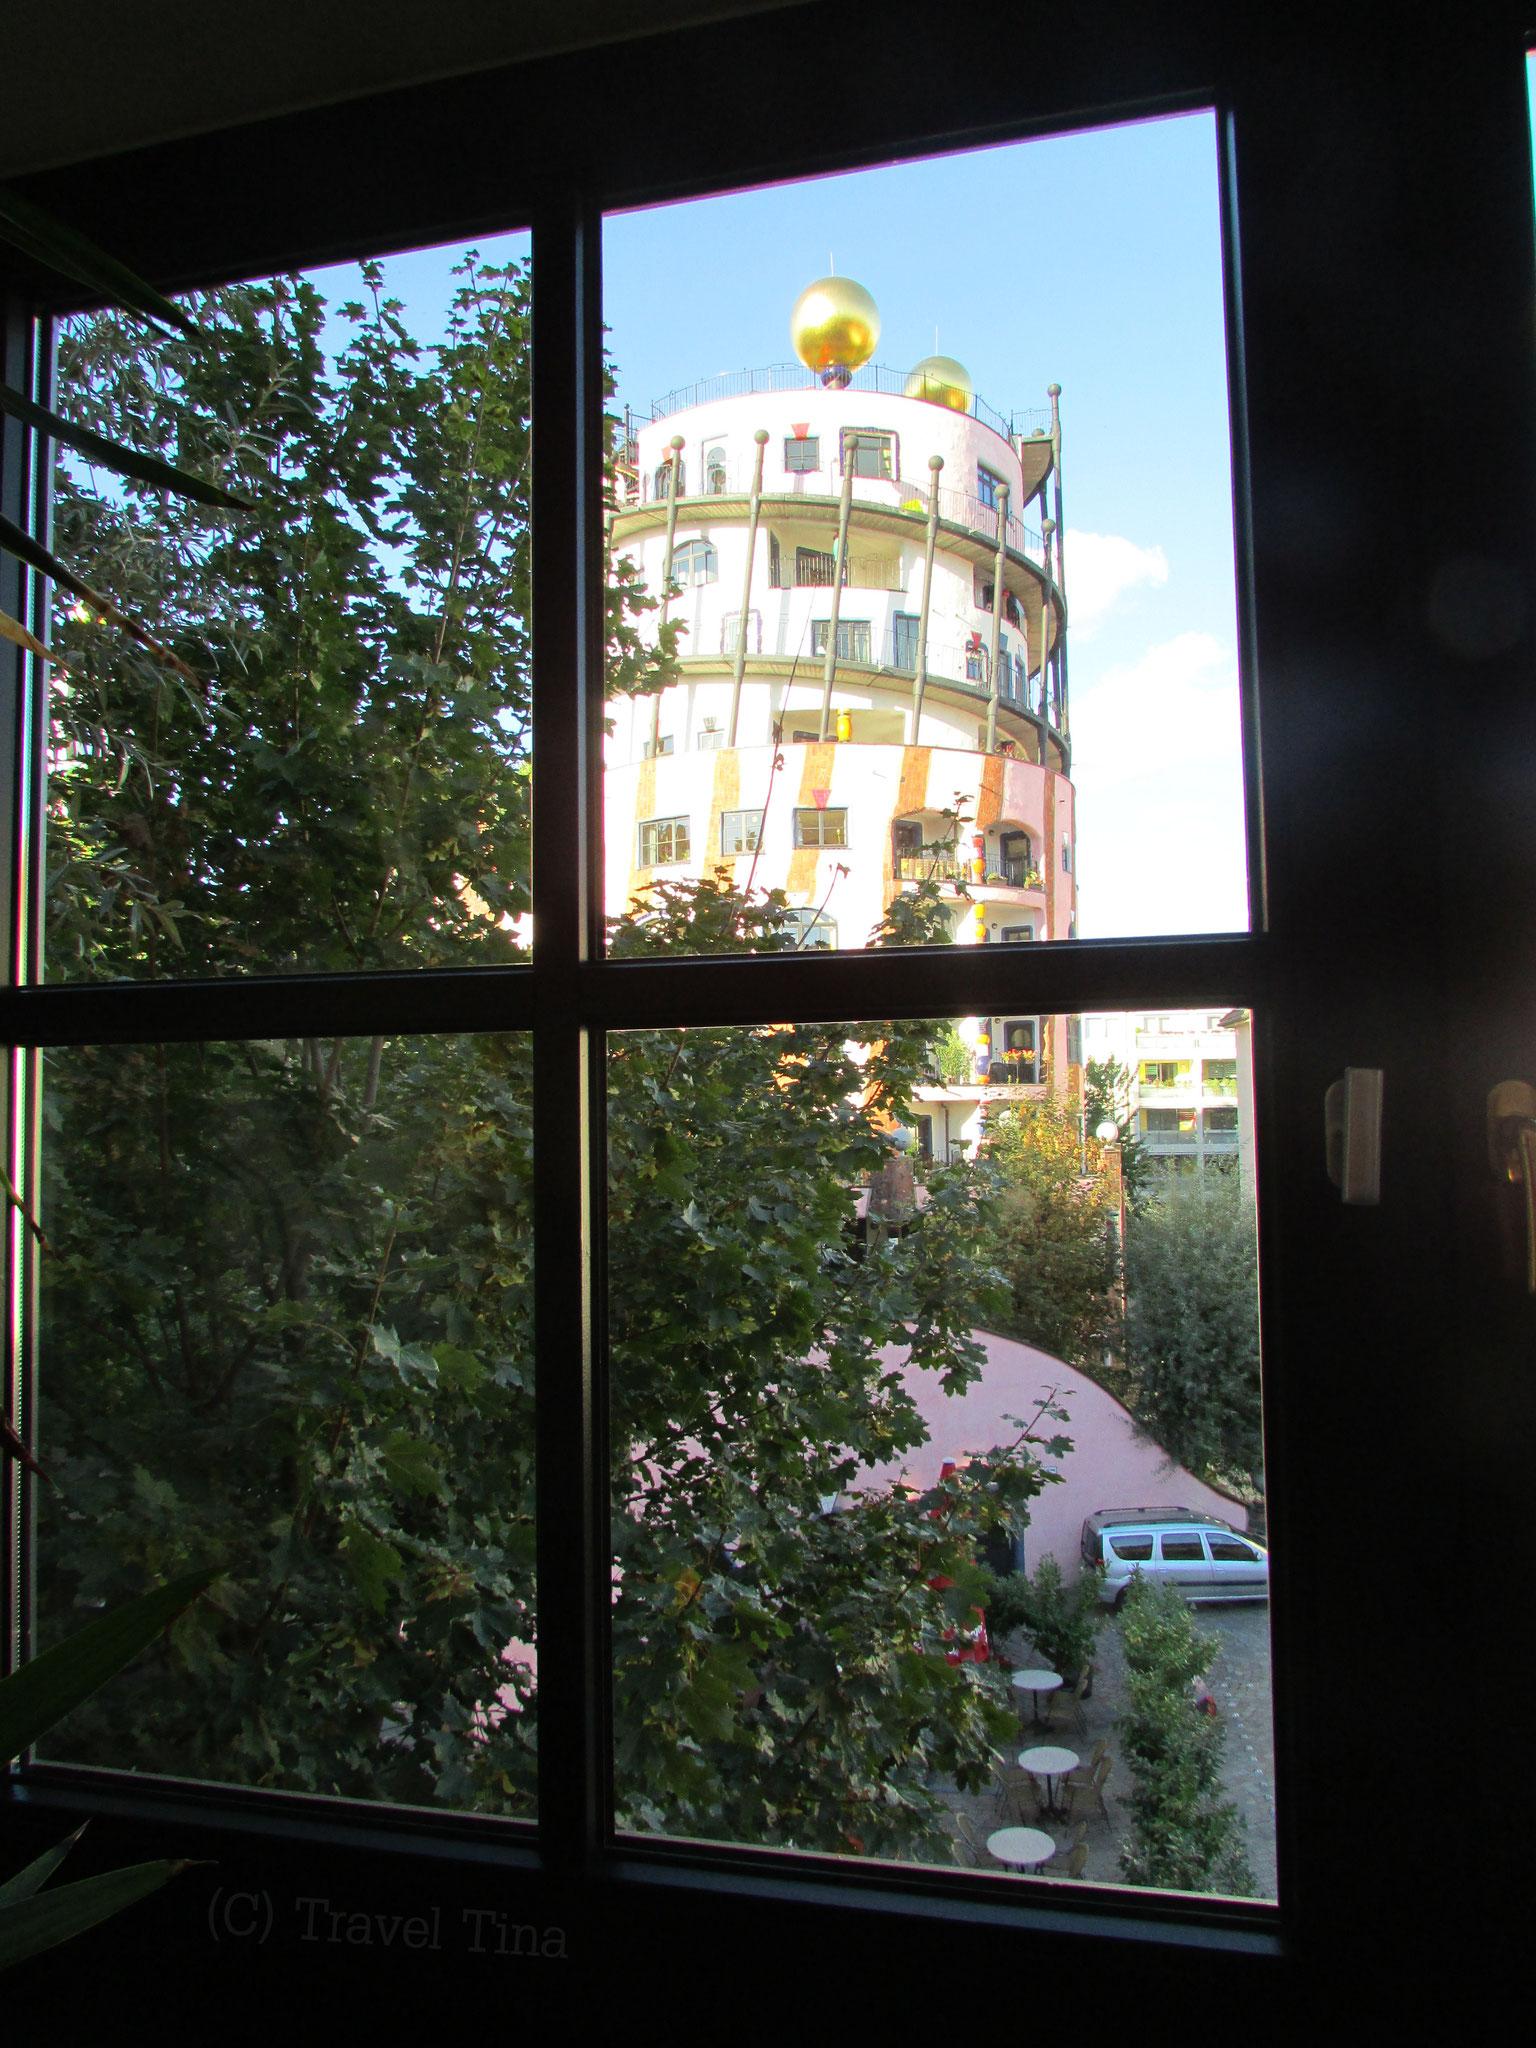 Welch schöner Blick aus dem Fenster!